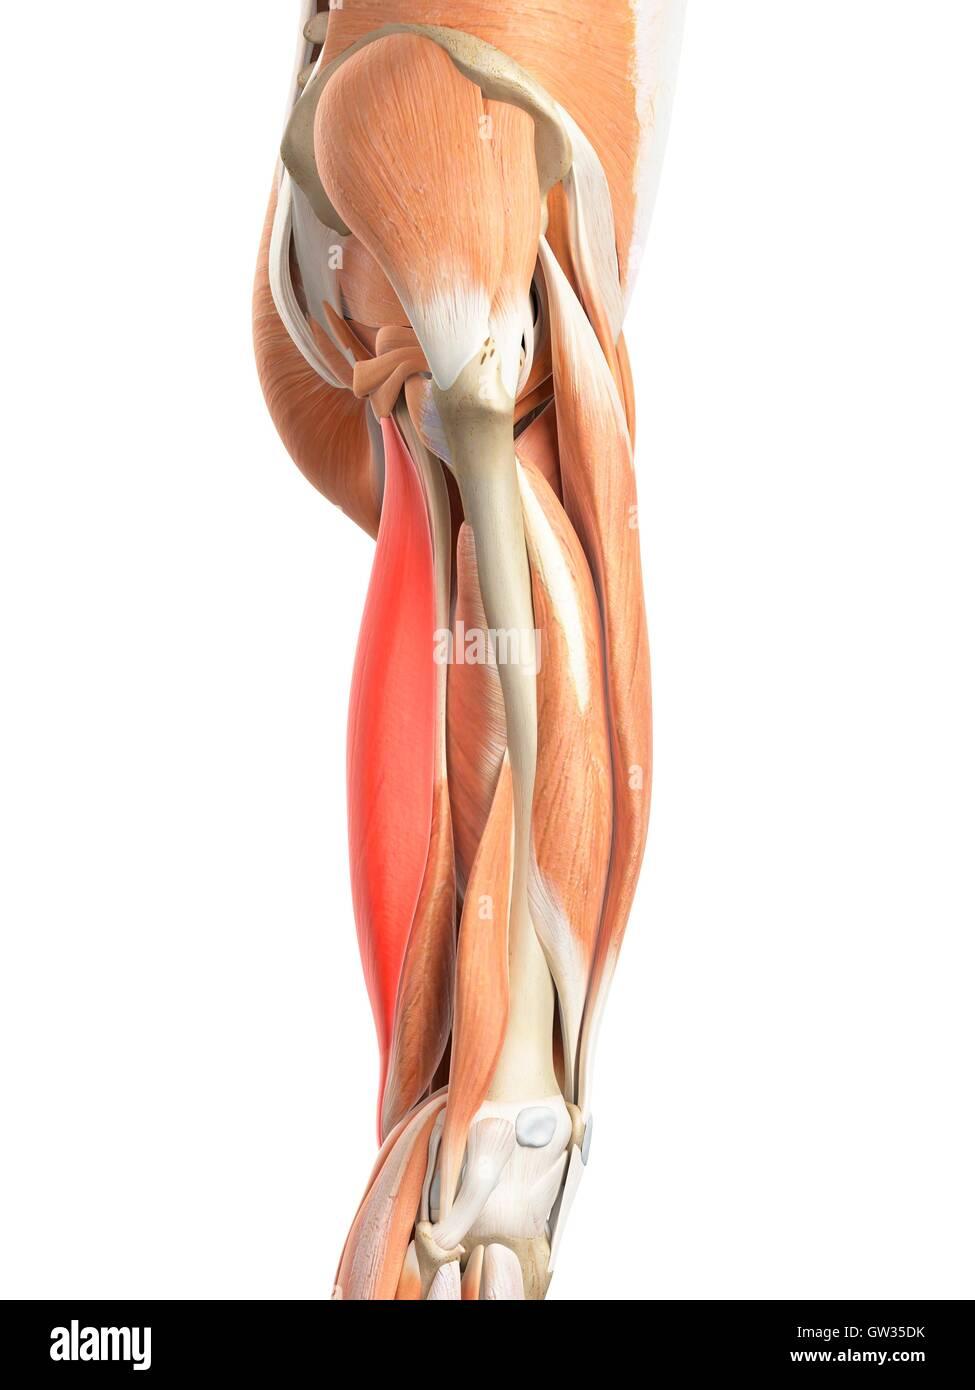 Wunderbar Alle Beinmuskeln Ideen - Menschliche Anatomie Bilder ...